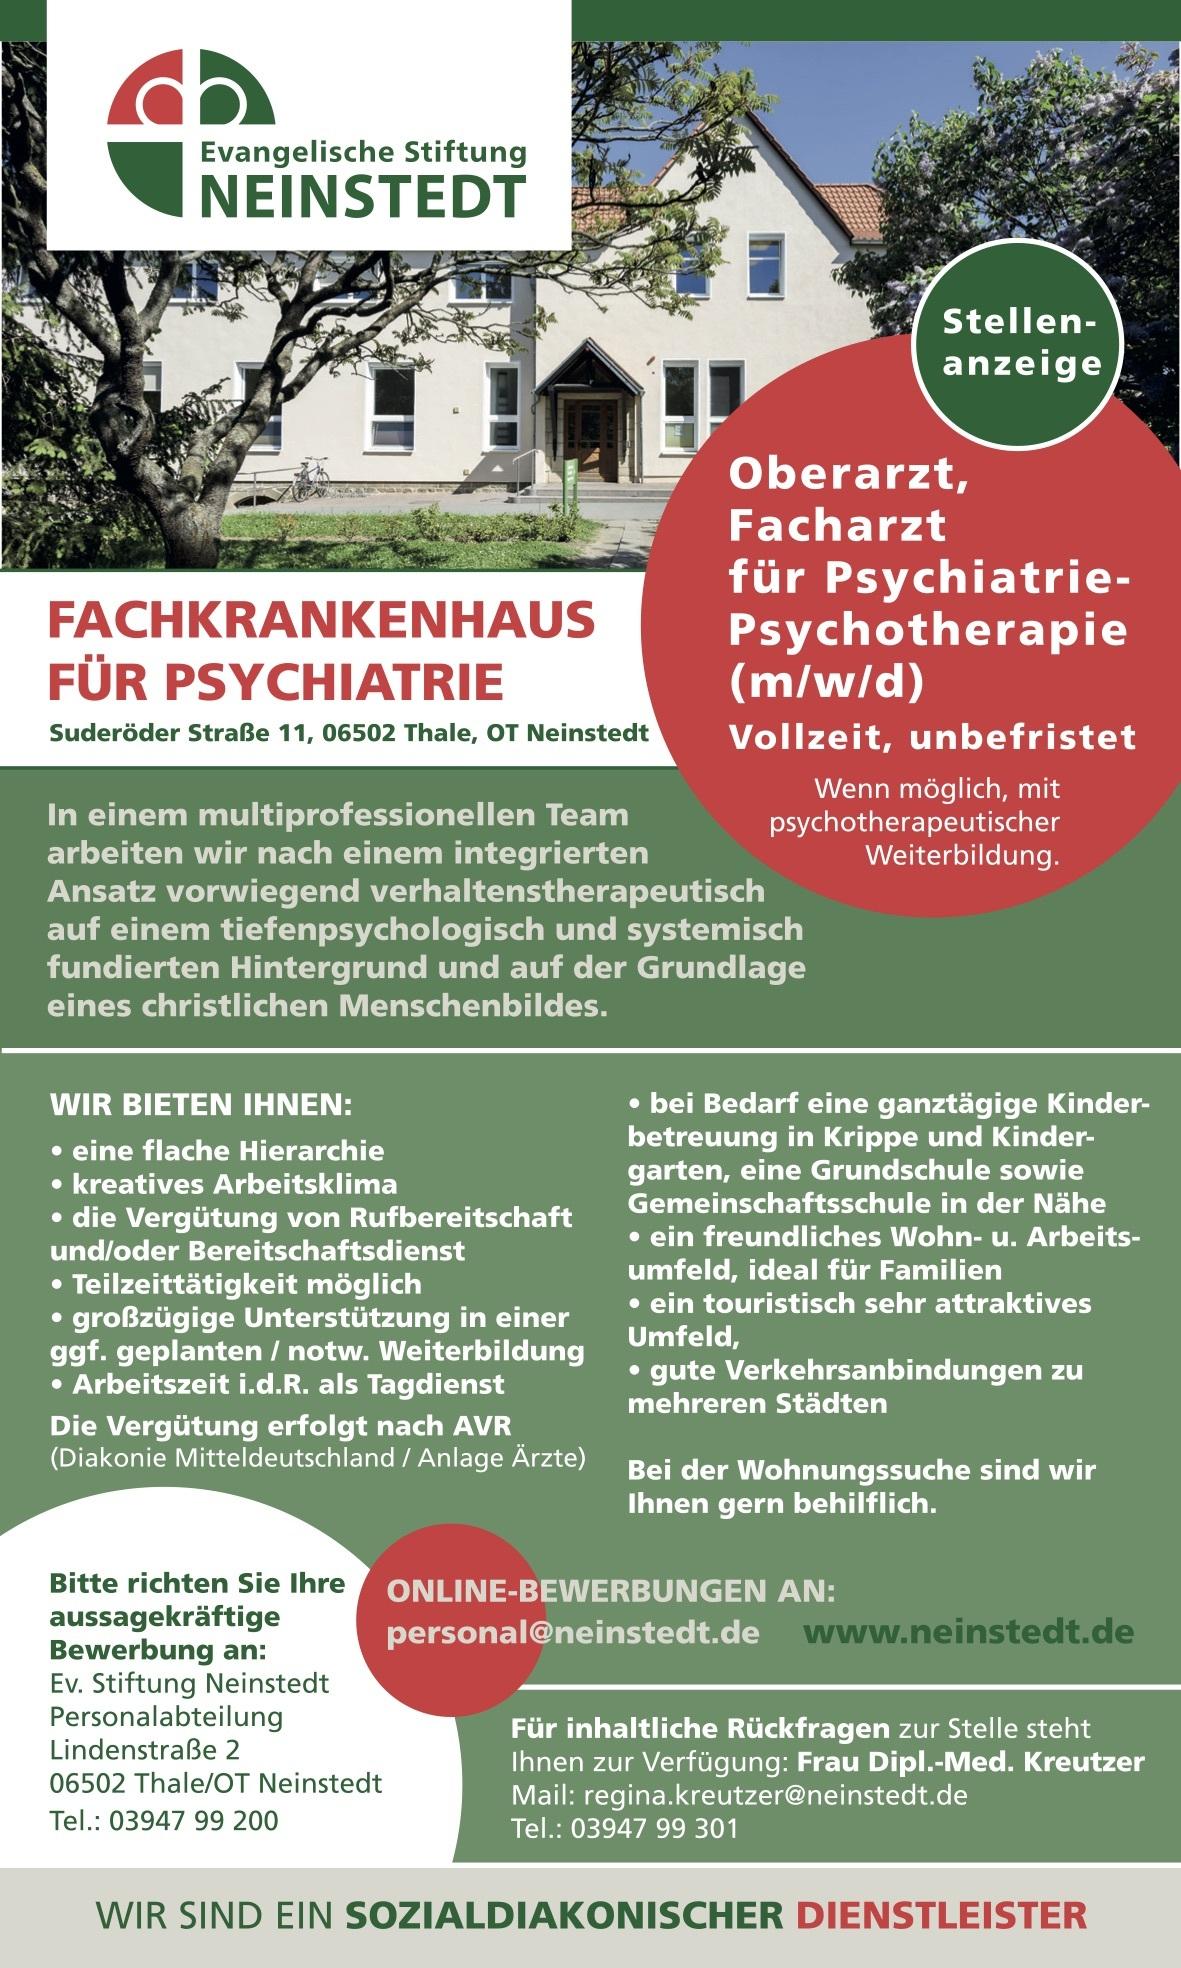 Oberarzt, Facharzt für Psychiatrie- Psychotherapie (m/w/d)